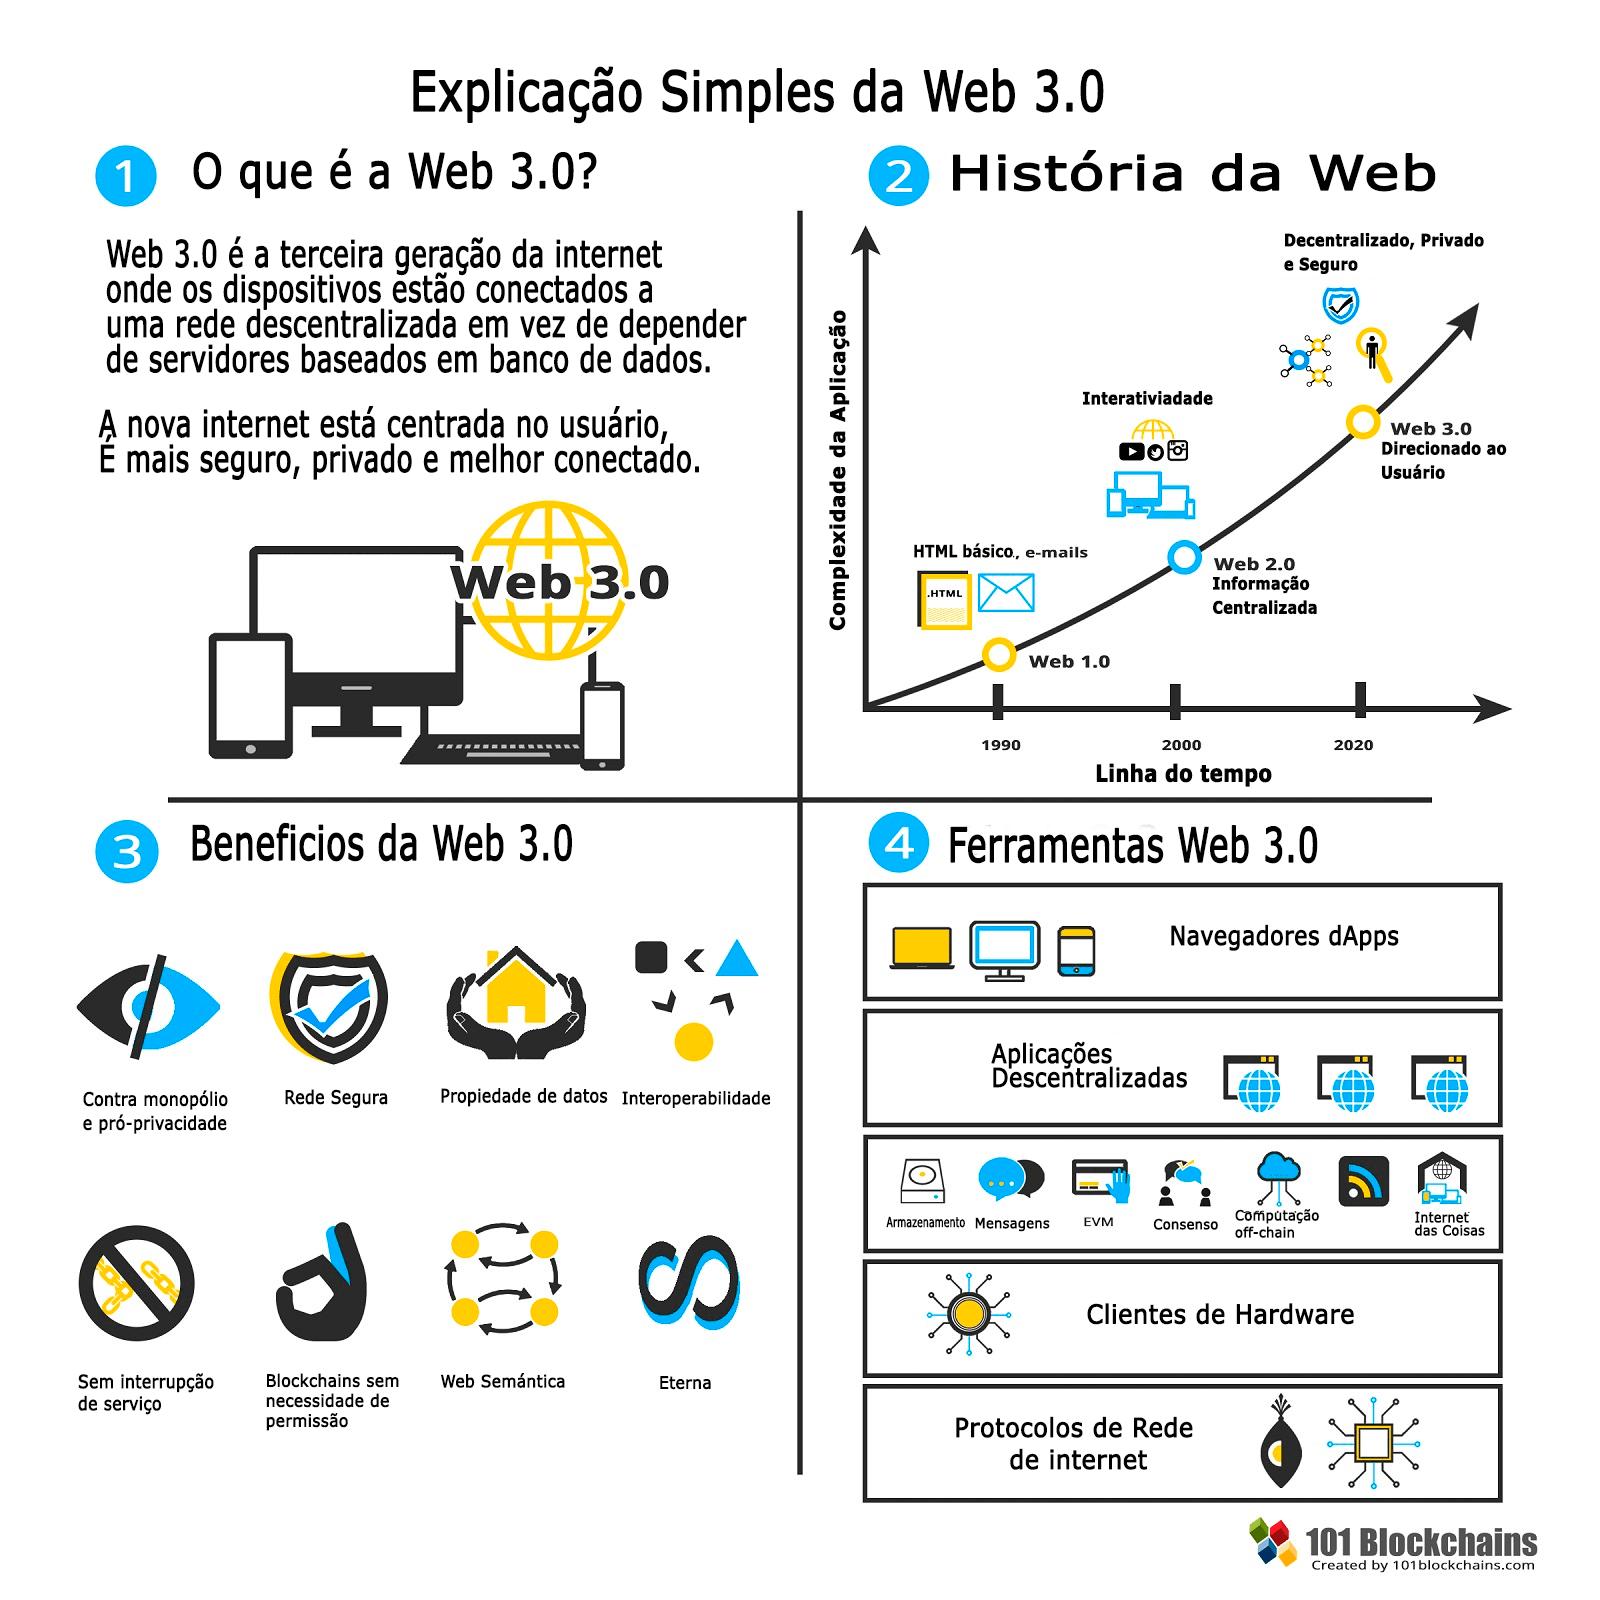 Explicaç¦o Simples da Web 3